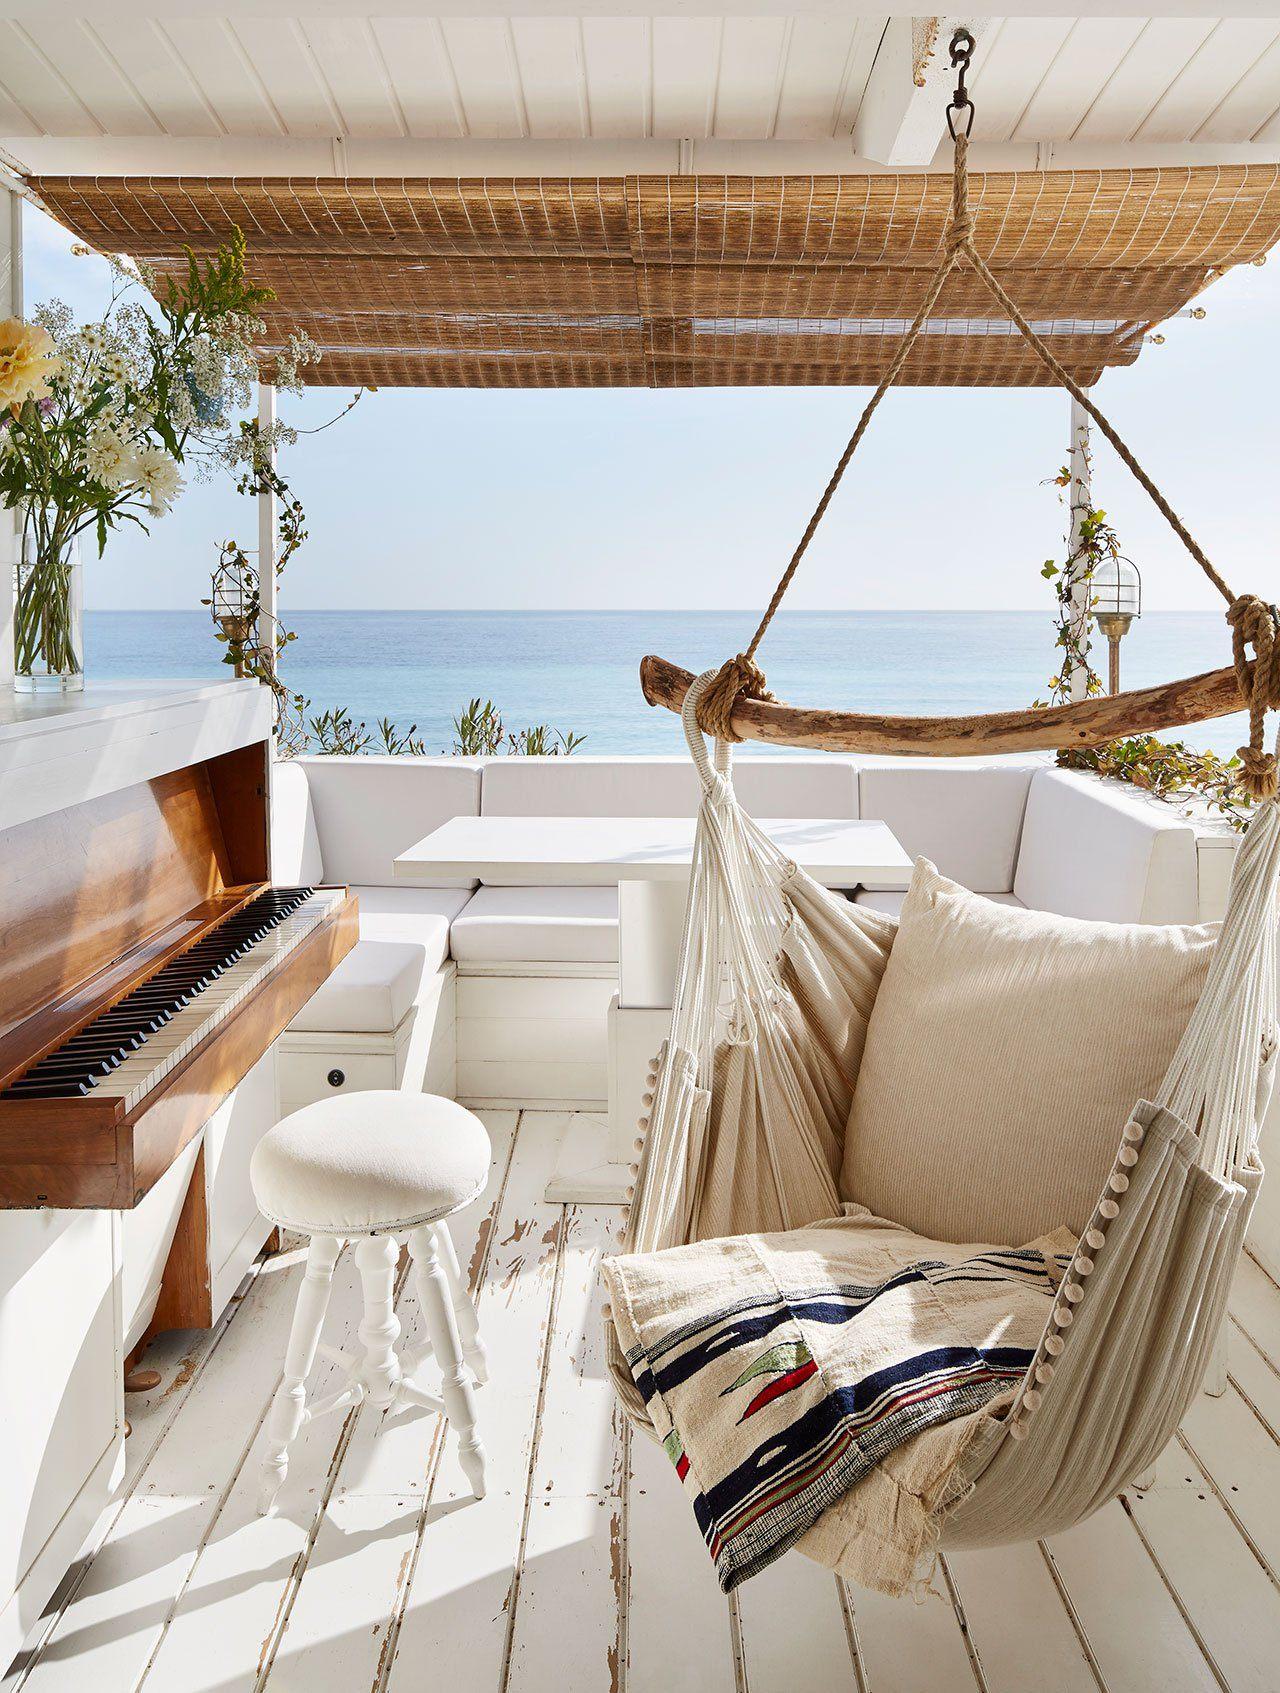 9 Beach House Decor Ideas to Make You Dream About Springtime